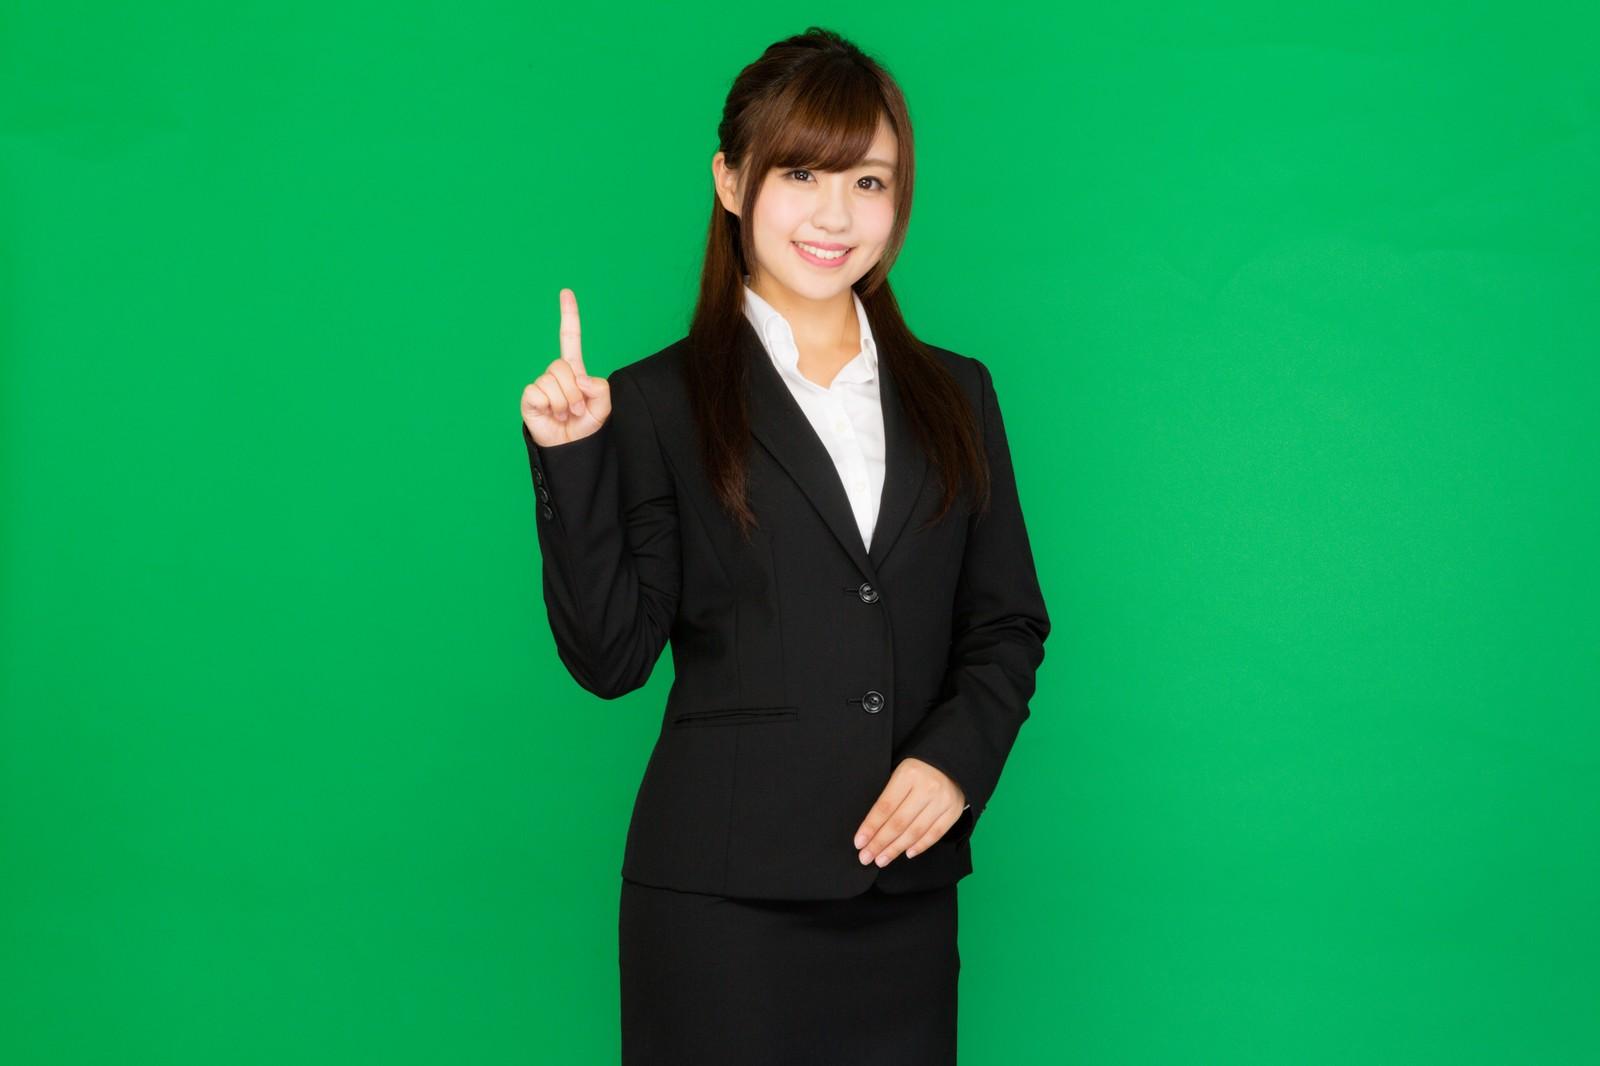 会計士を超えていくための3つのアドバイス